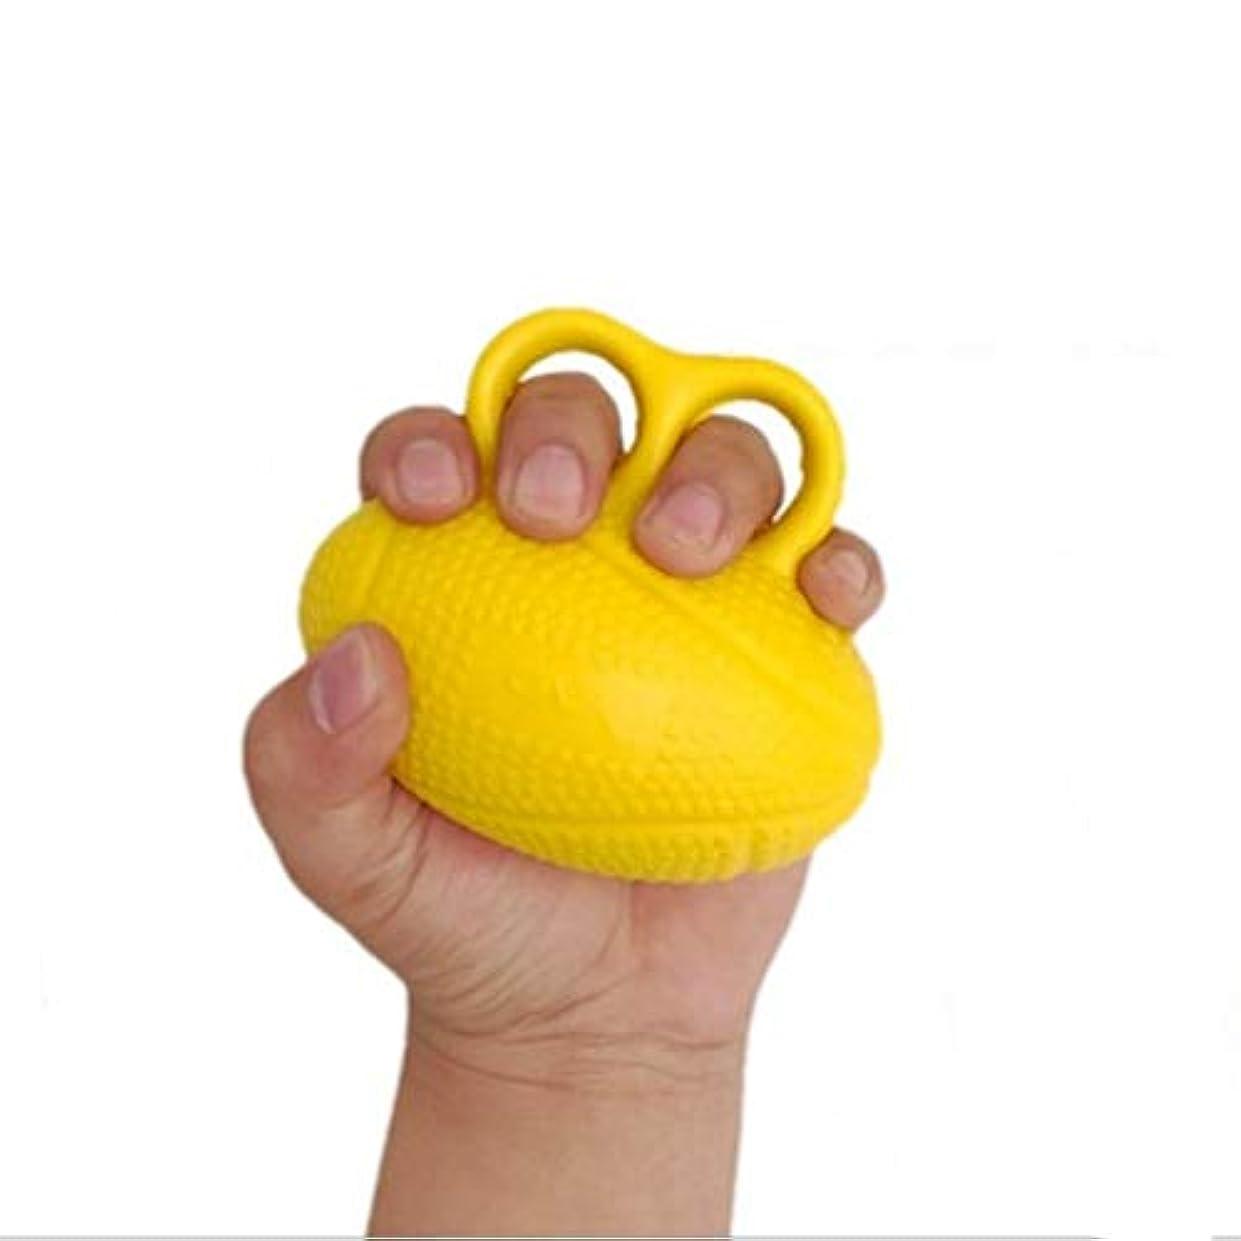 からかう必要とするチャップ指の整形外科のボールポイント指のグリップボールトレーニングボール指筋力トレーニングリハビリ機器のグリップ